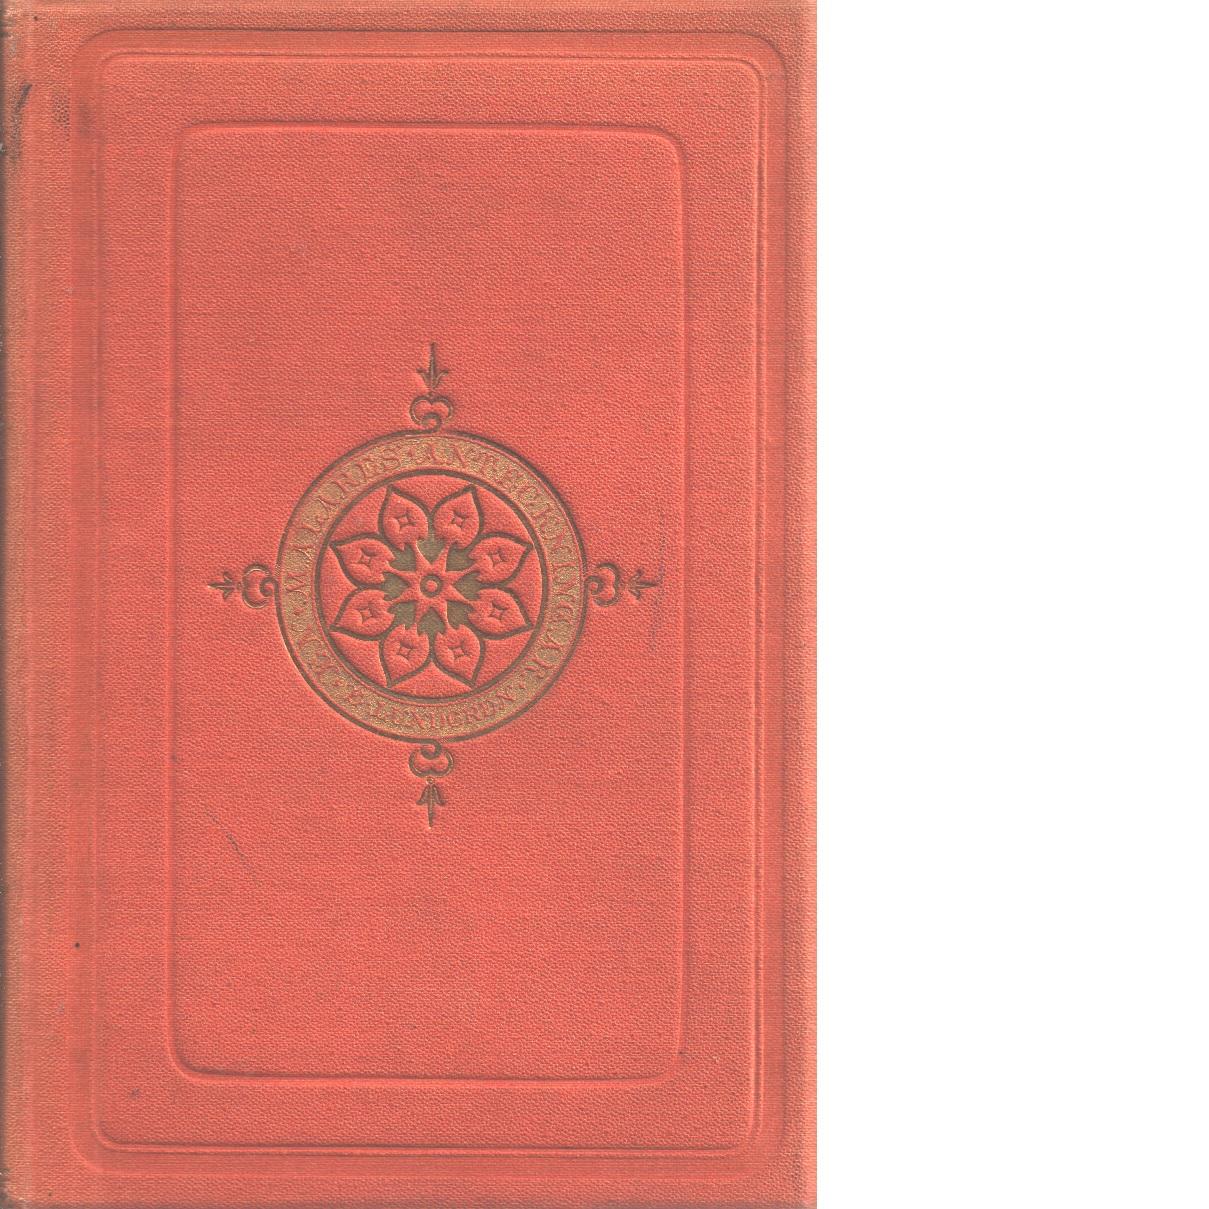 En målares anteckningar : utdrag ur dagböcker och bref - Lundgren, Egron